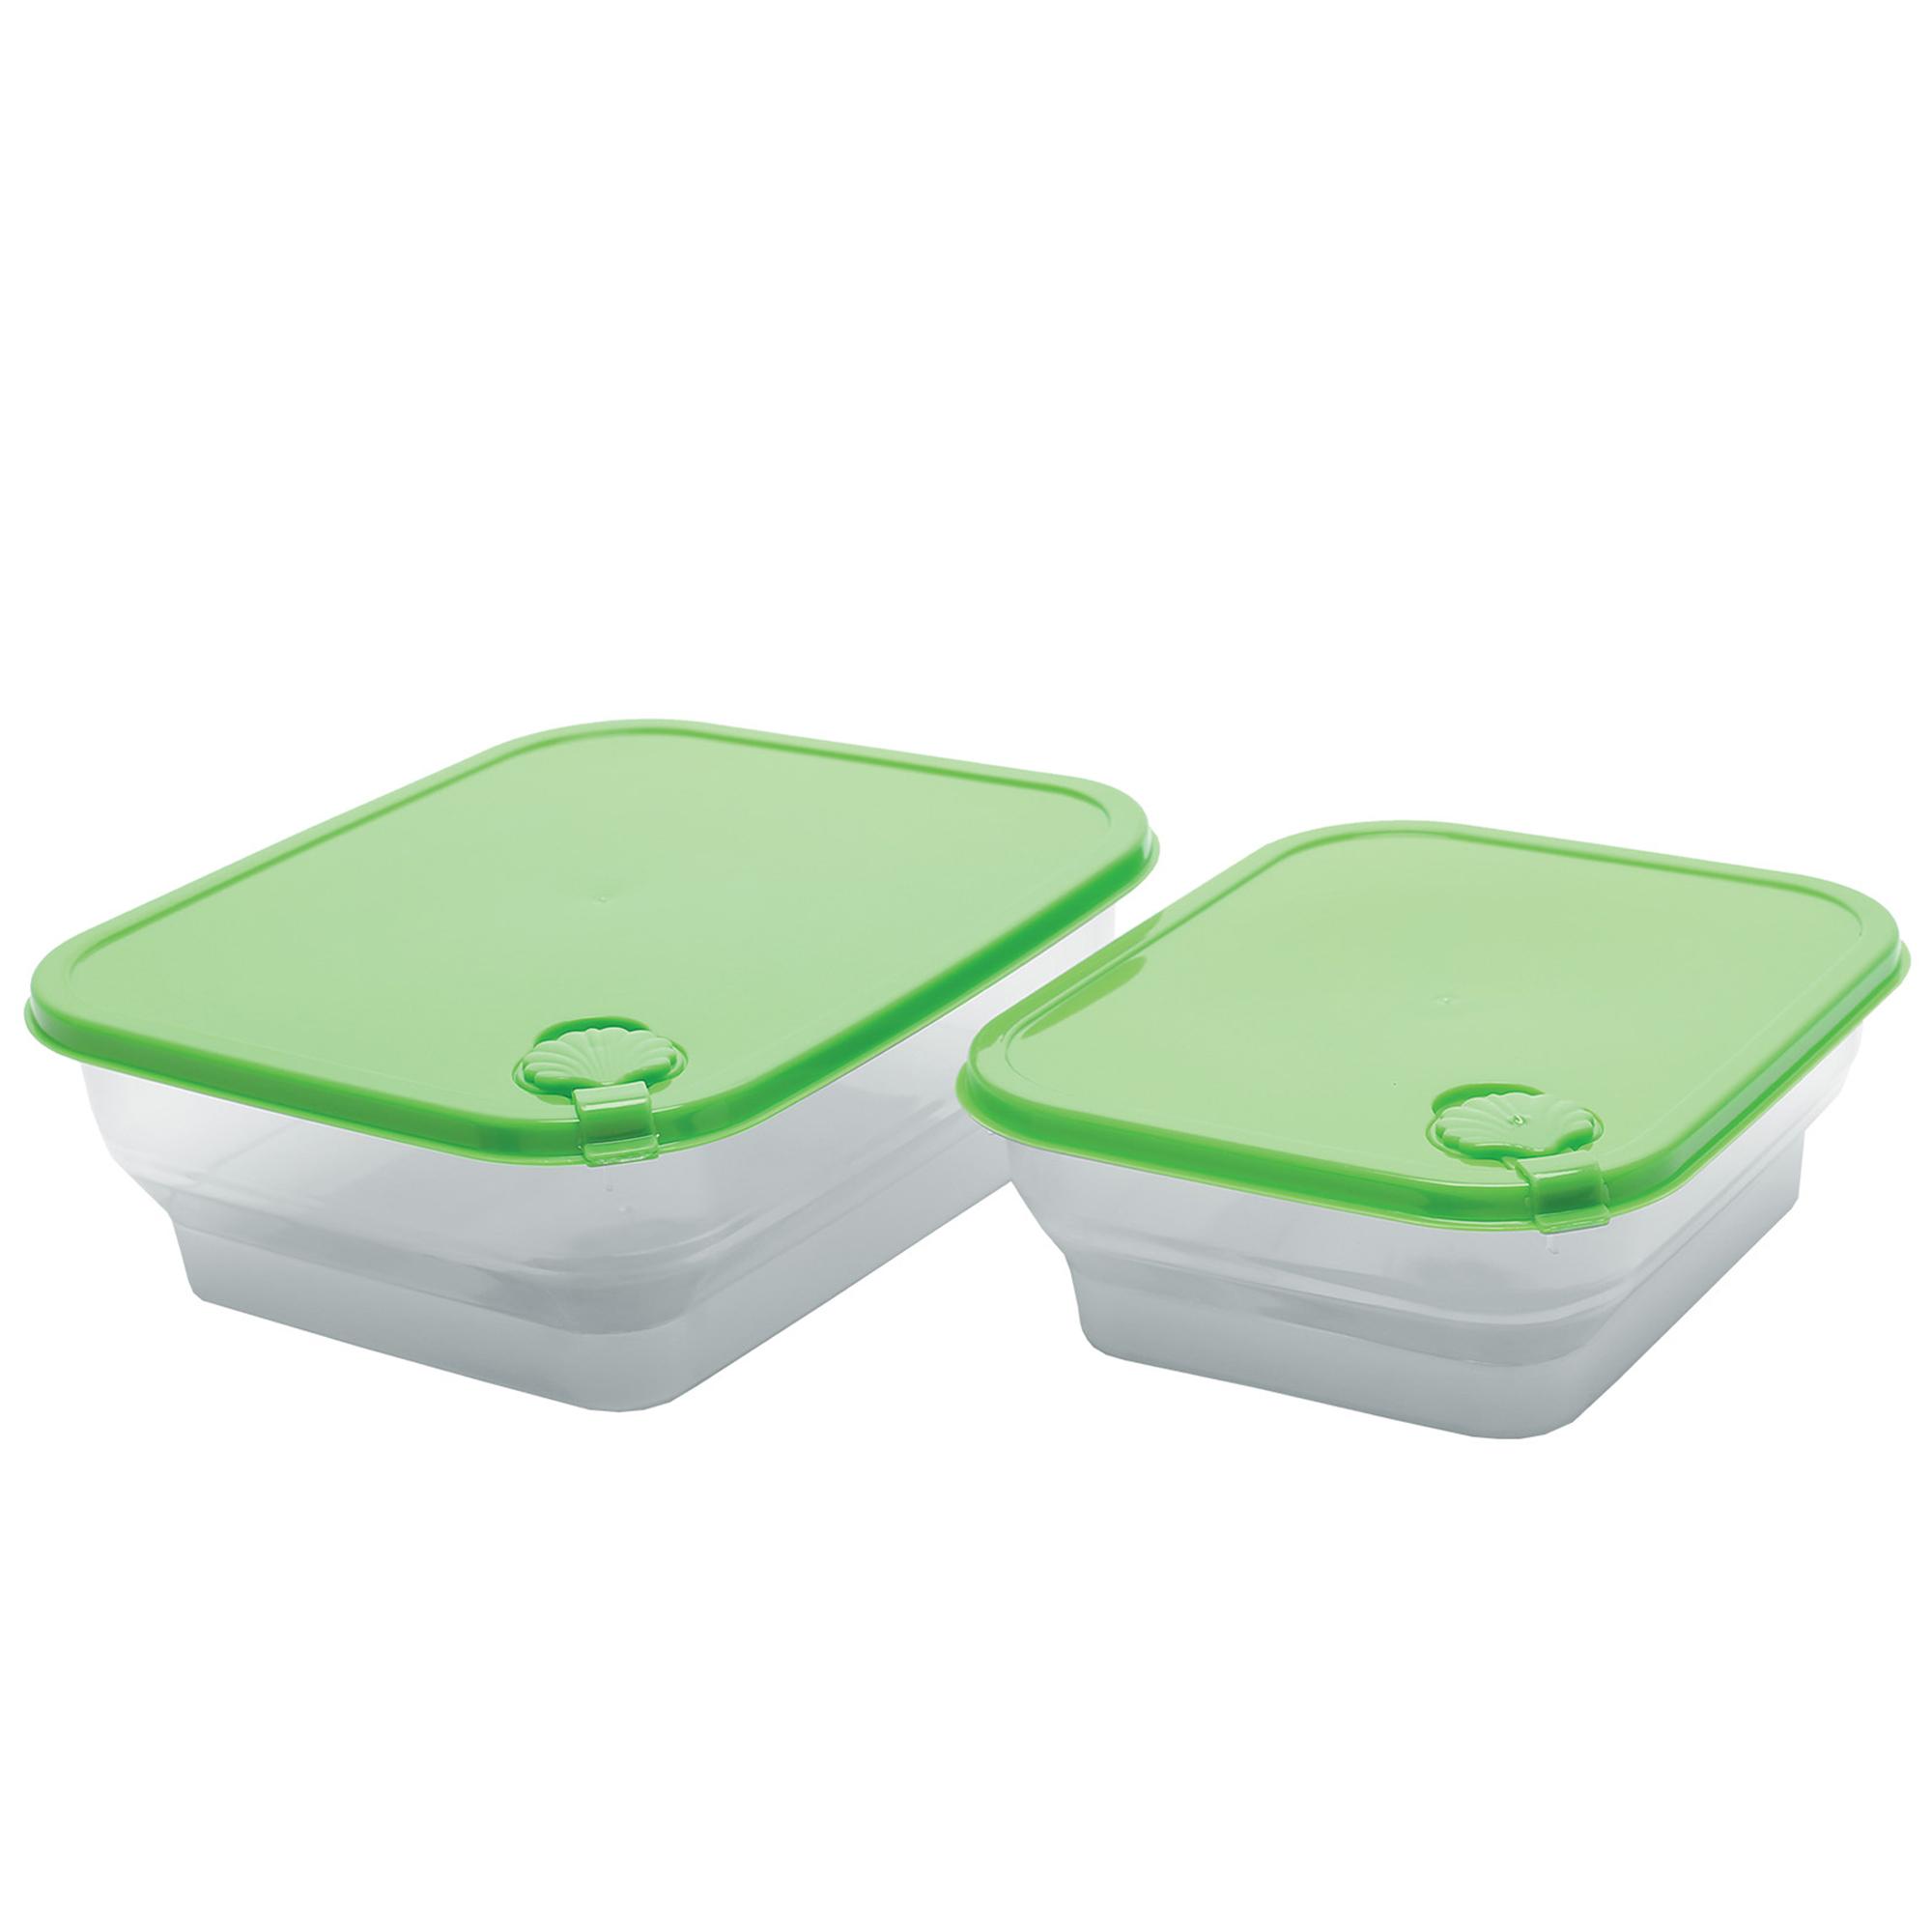 Conj 2 Potes Conchas Quadrados M-g - Verde